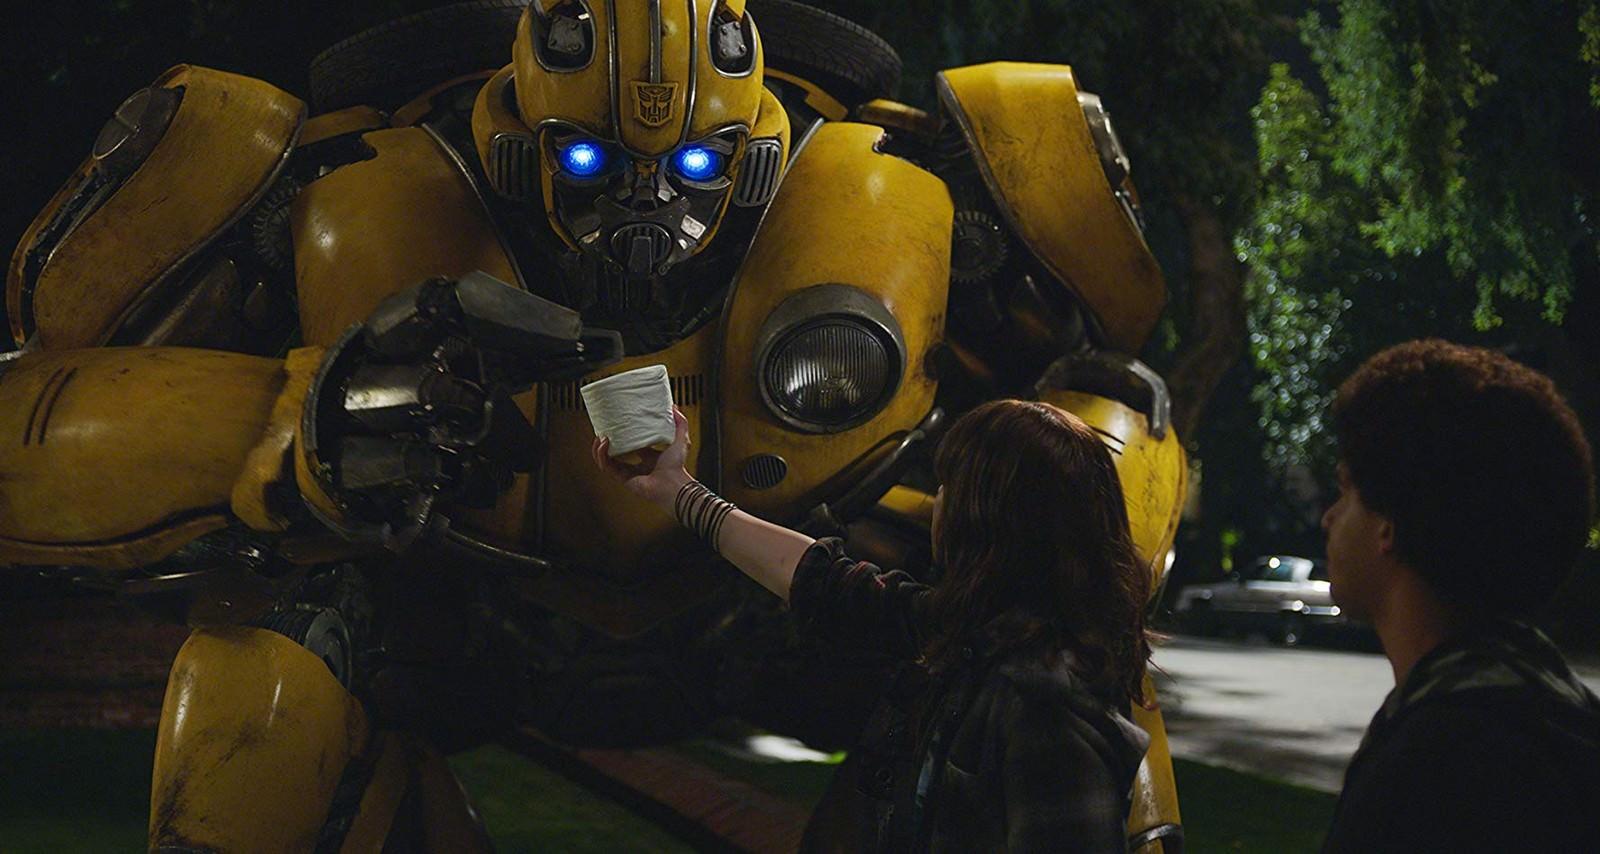 Movie, Bumblebee(美國, 2018年) / 大黃蜂(台灣.香港) / 大黄蜂(中國), 電影角色與演員介紹